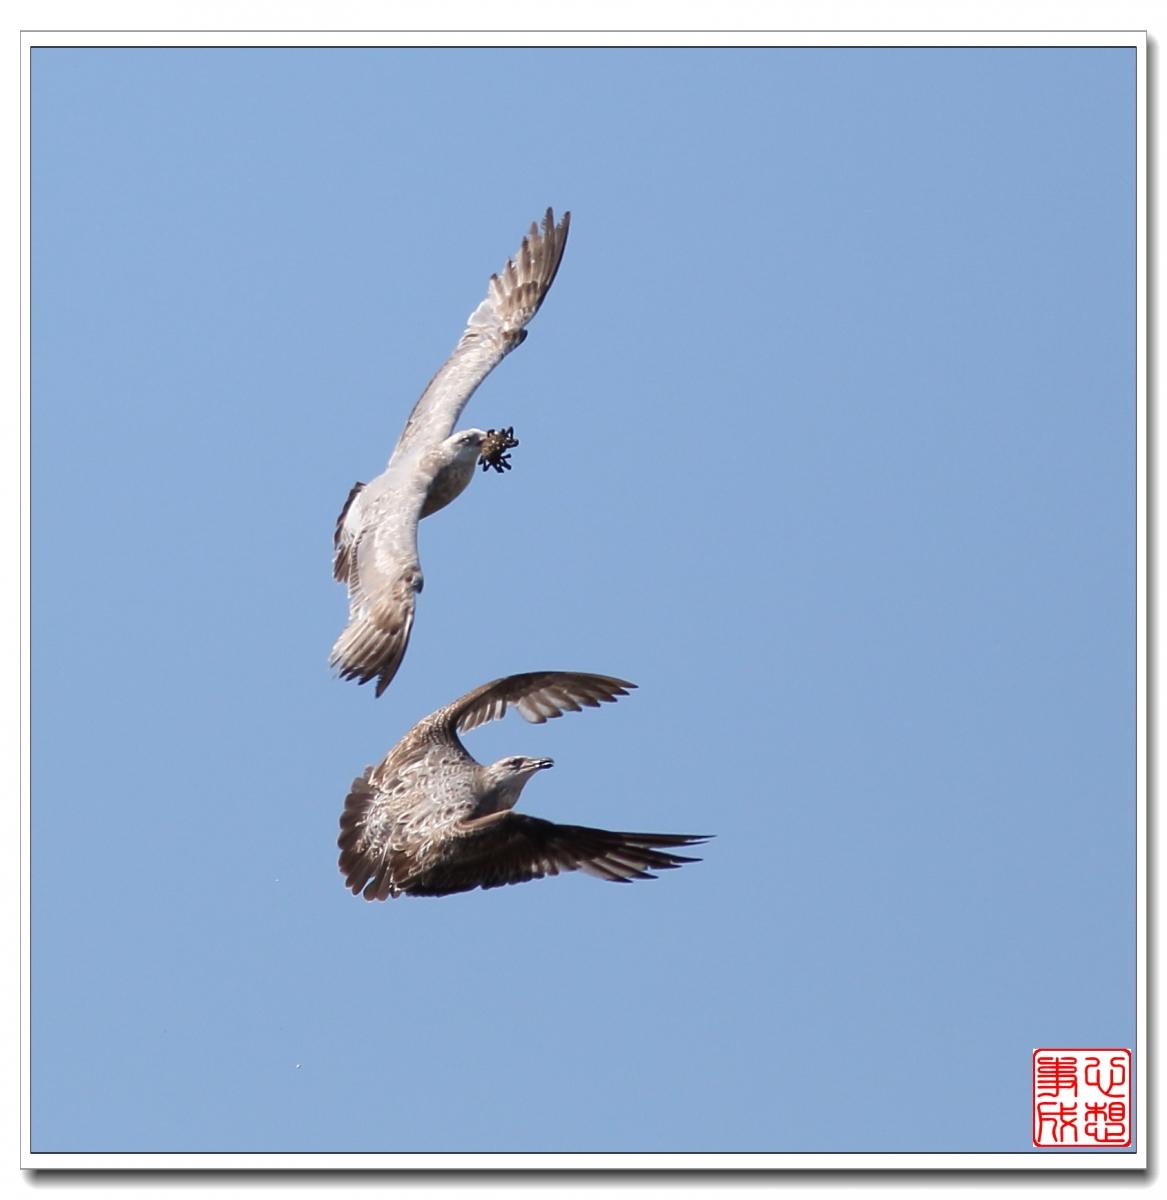 【心想事成】空中表演-海鸥_图1-4